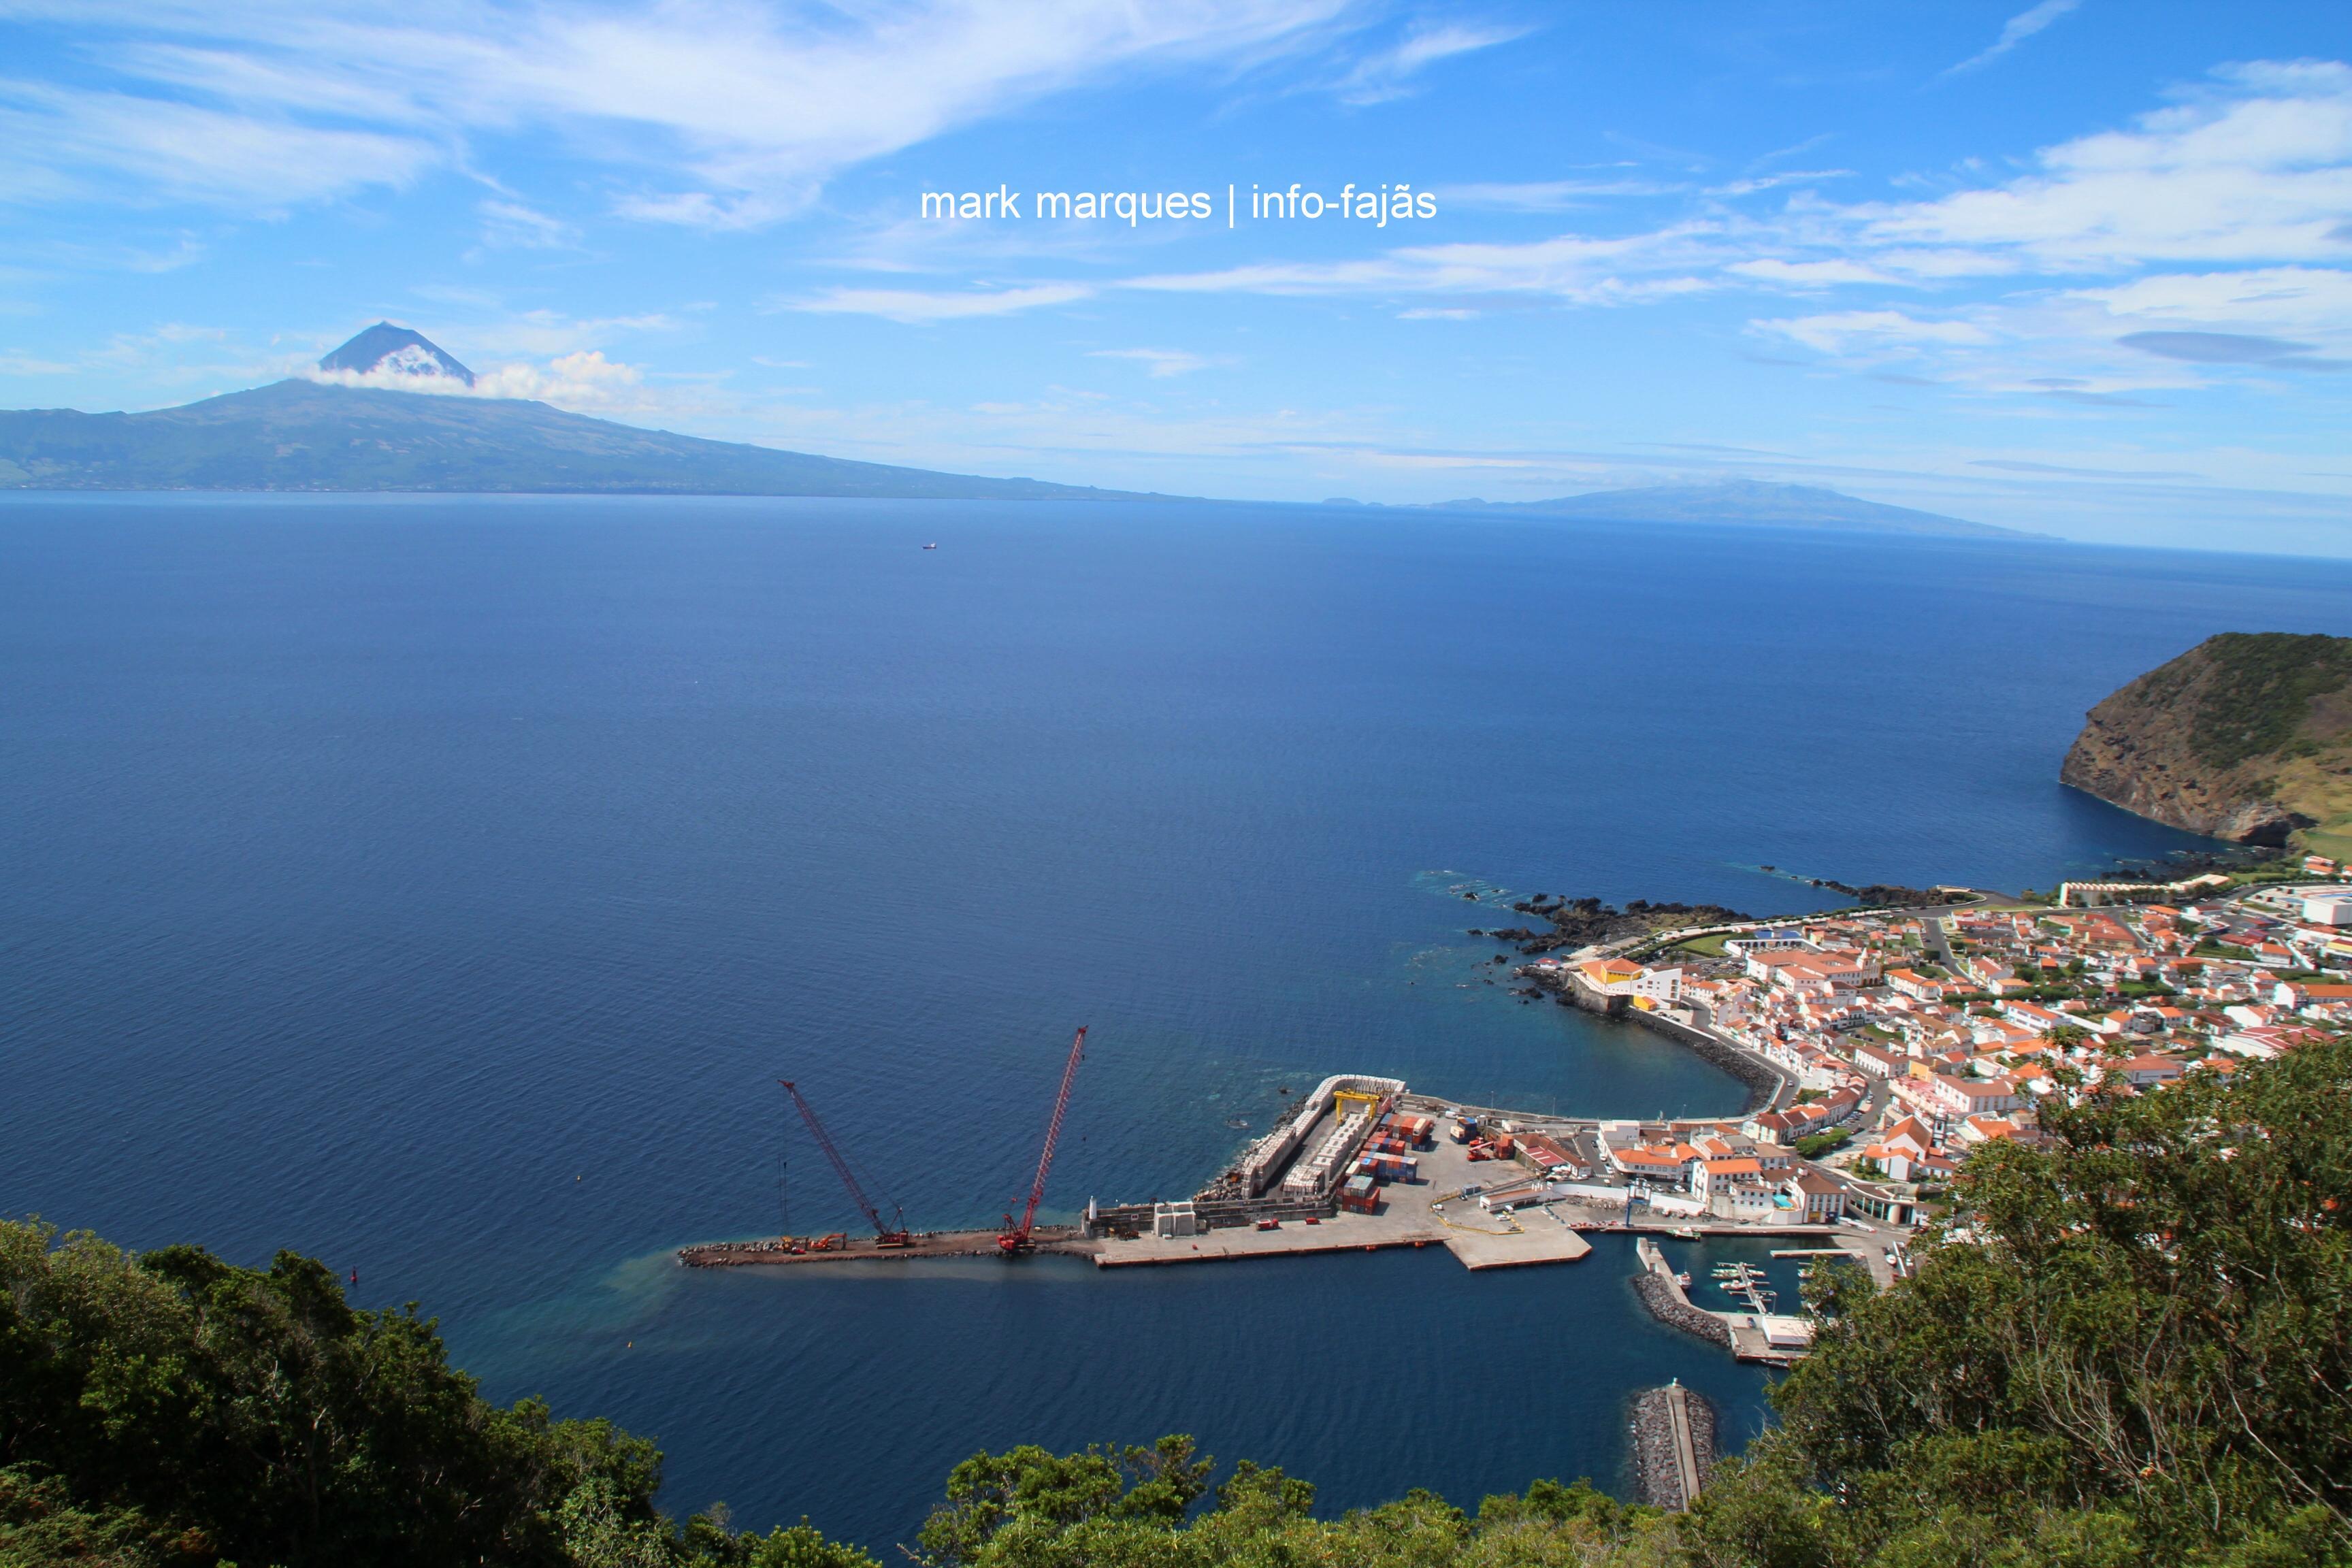 Vila das Velas – Ilha de São Jorge (Açores) – (Ilhas do Triângulo)